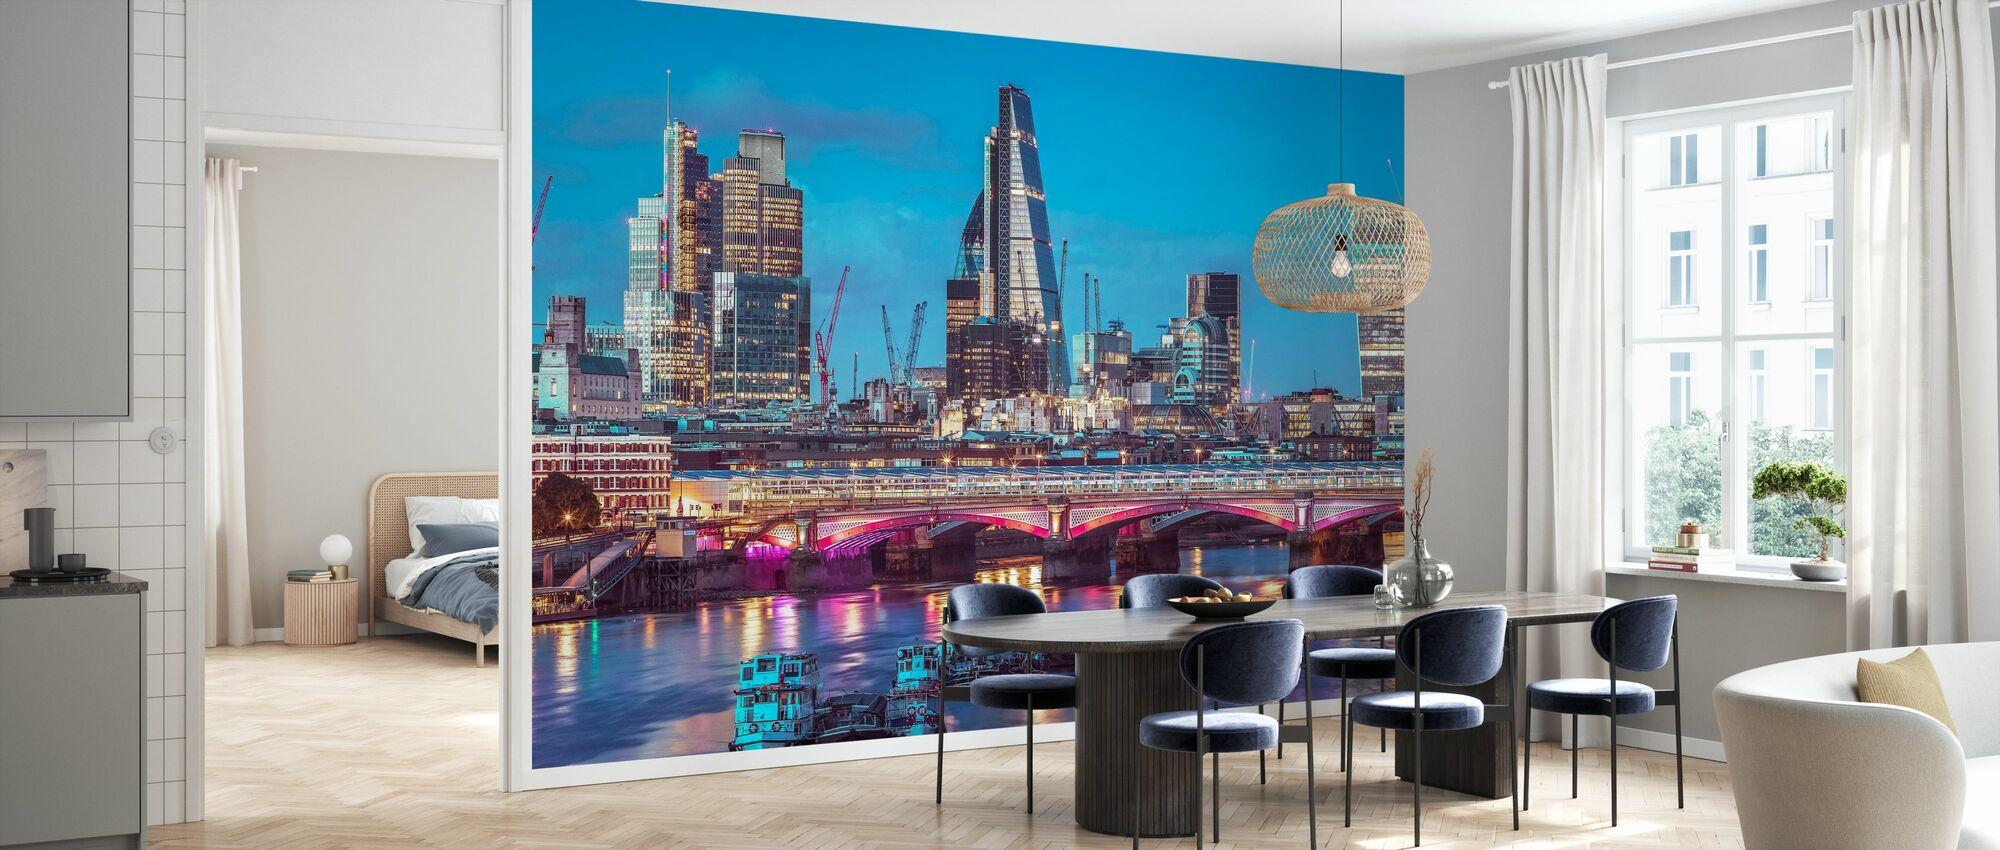 London Dawn - Wallpaper - Kitchen